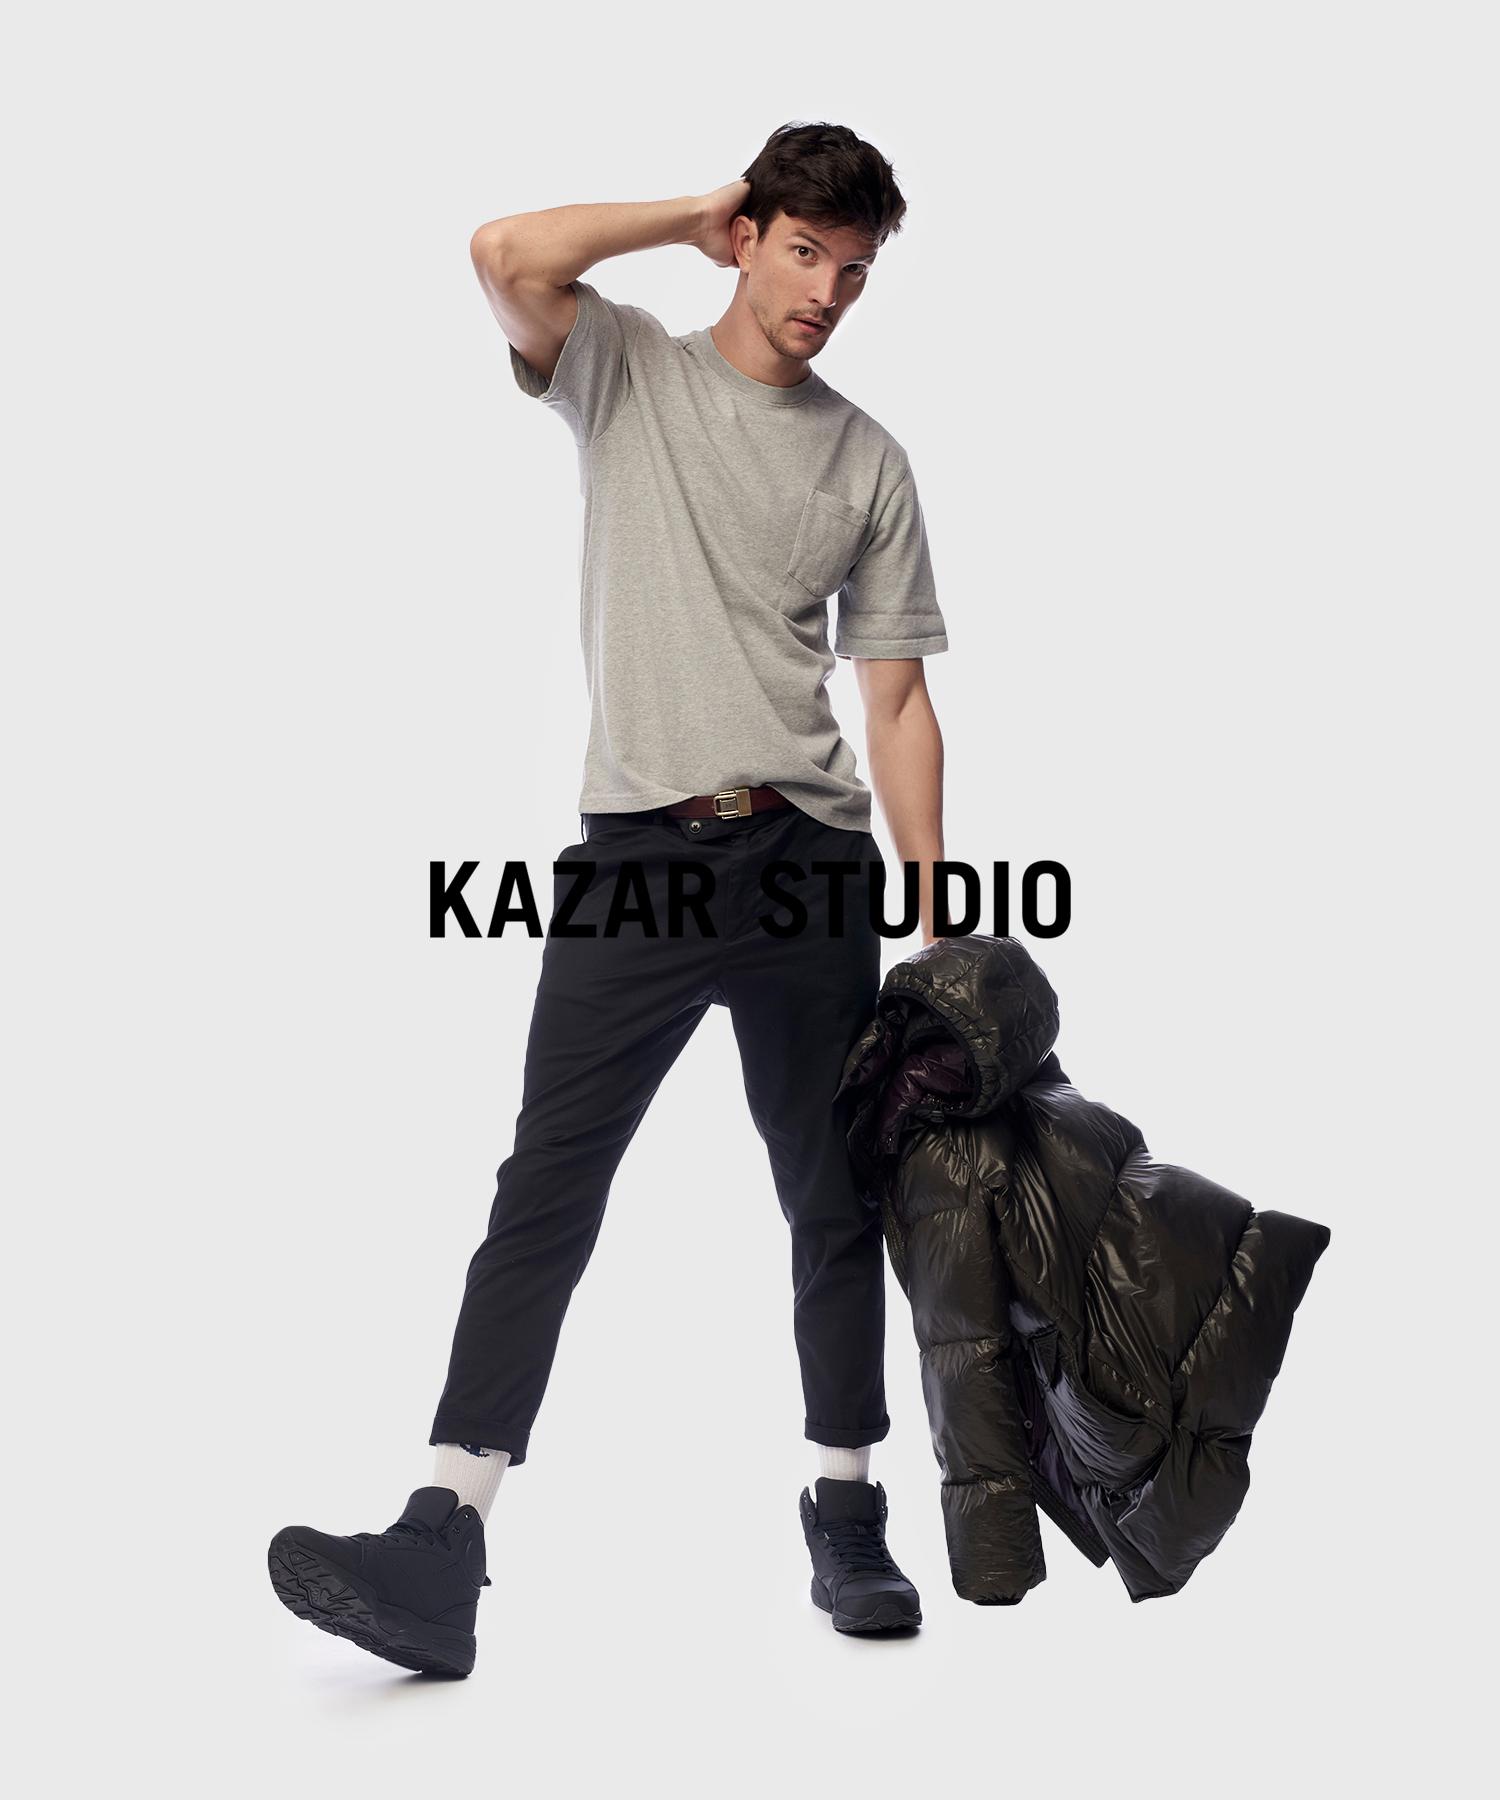 kazar studio00003.jpg